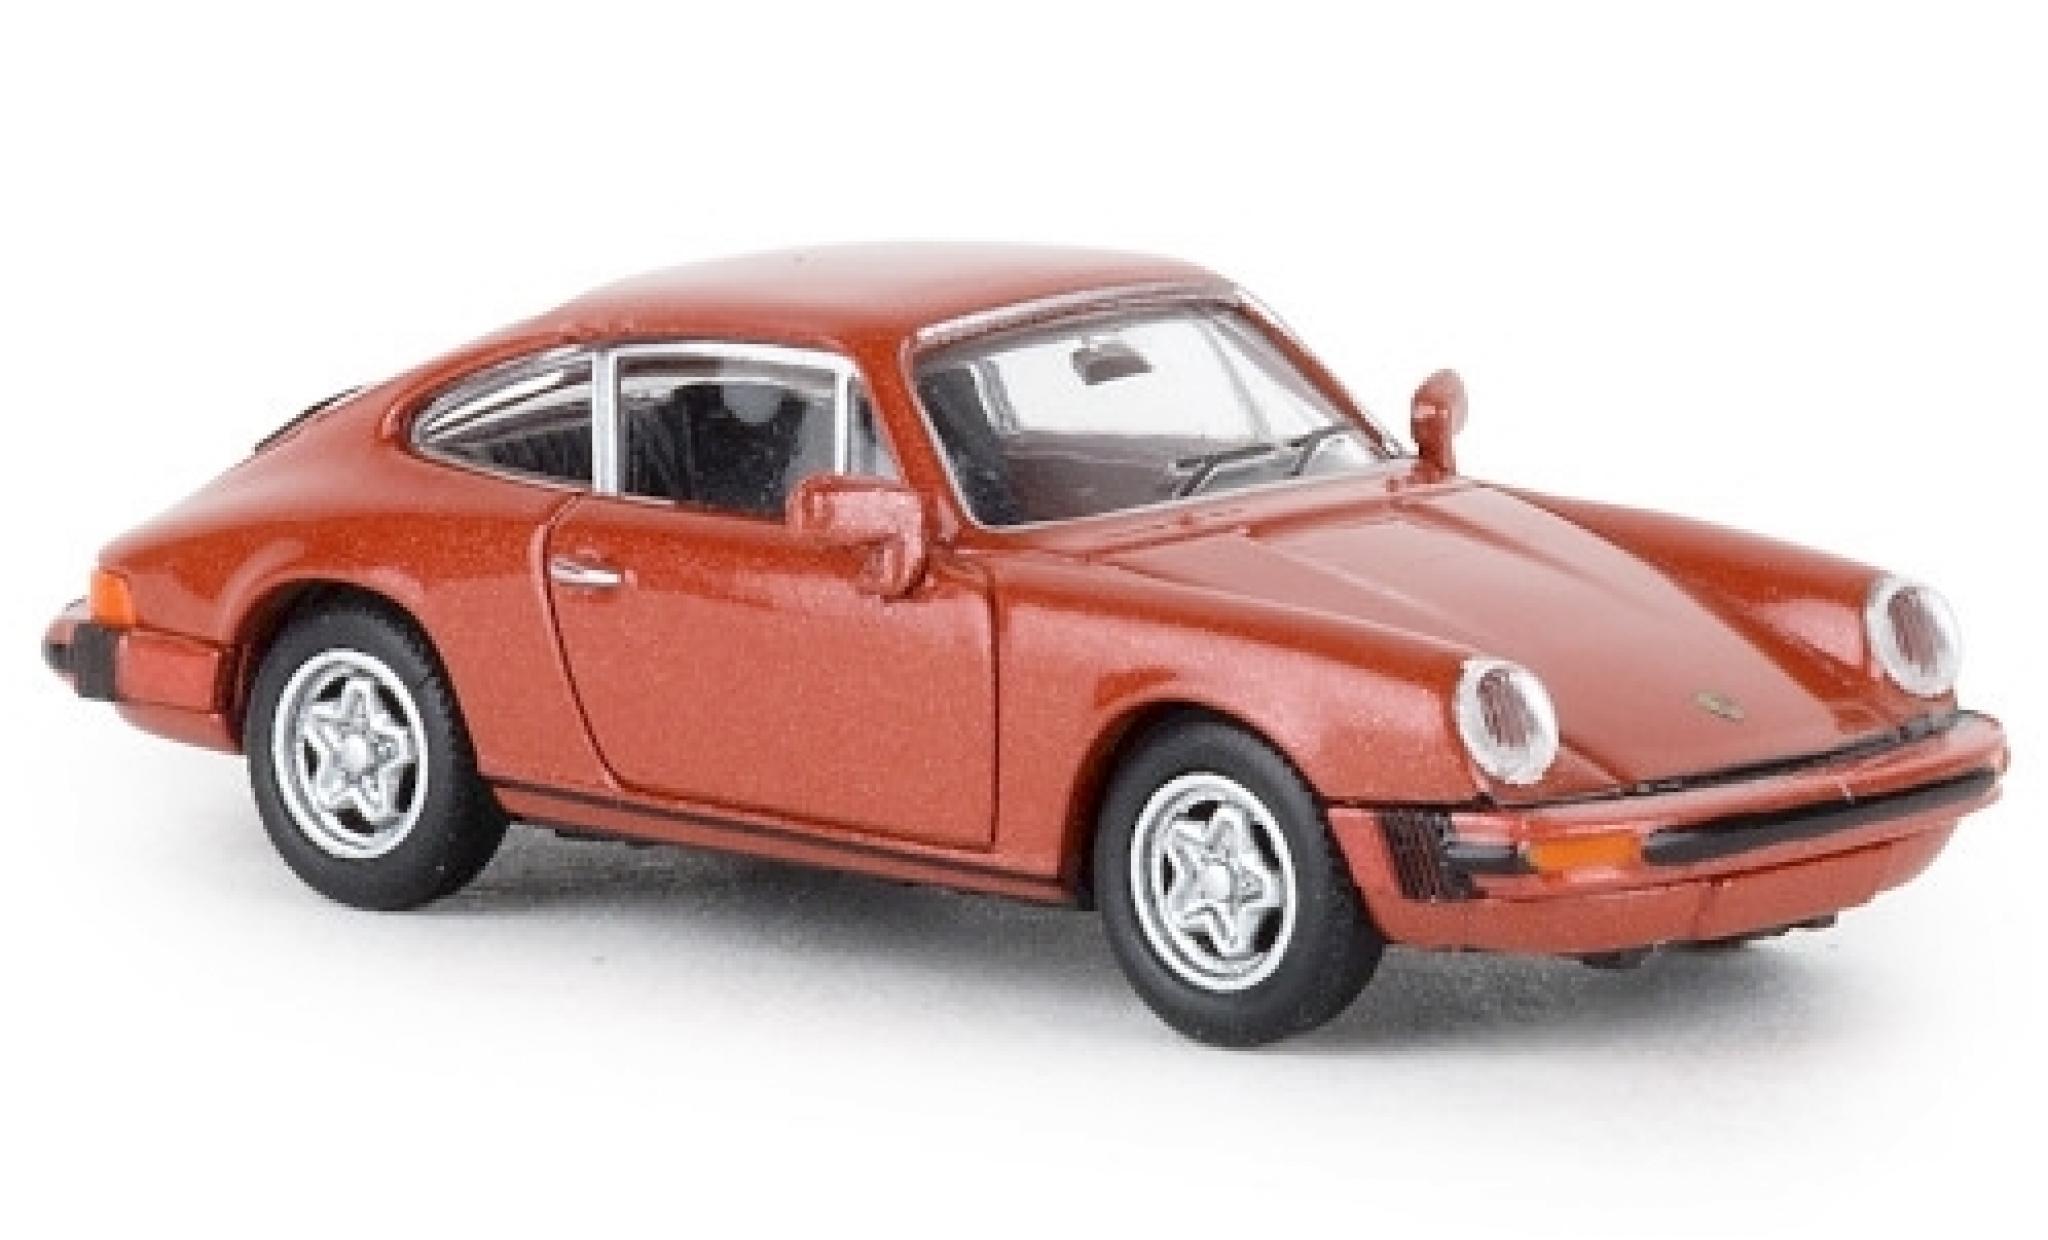 Porsche 911 1/87 Brekina G métallisé rose Jägermeister 1976 TD